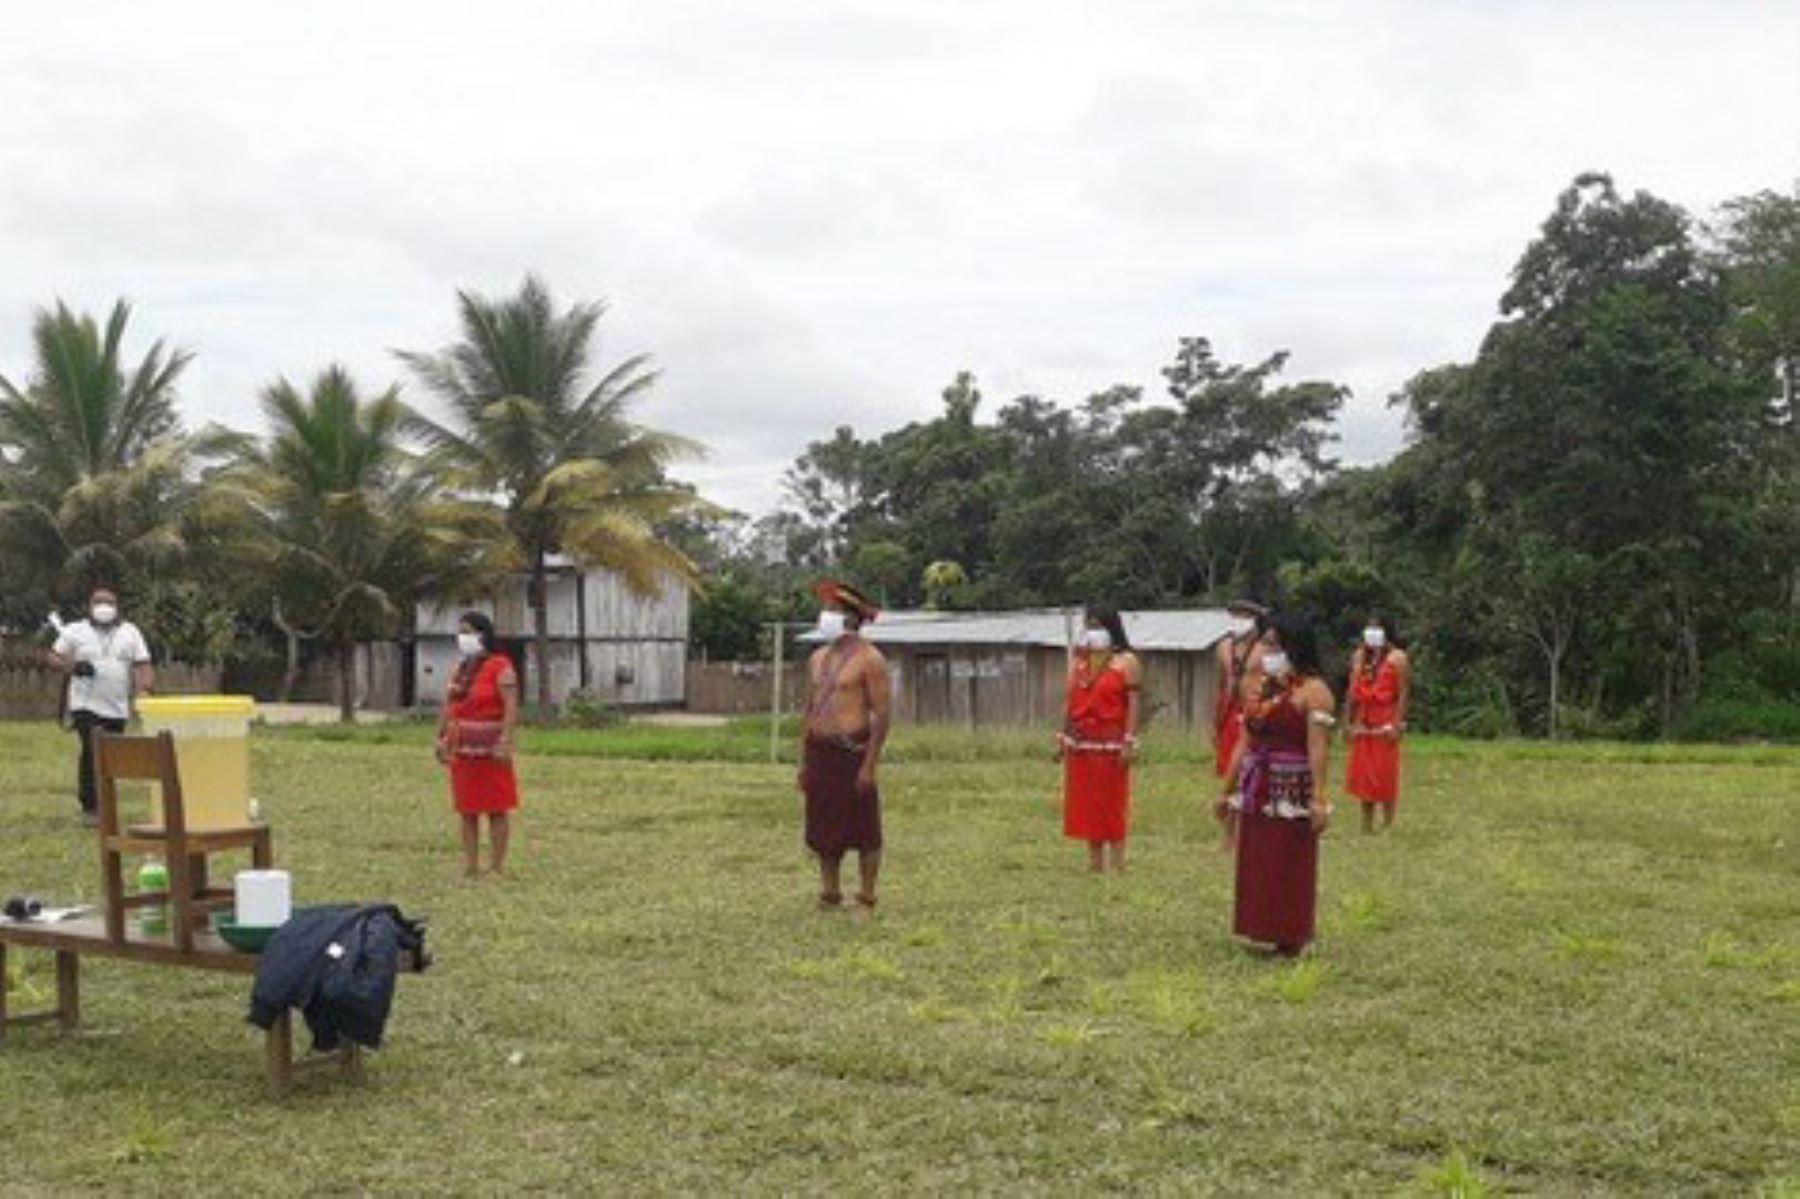 Las mascarillas fueron entregadas al Comando Covid Indígena de la región San Martín y distribuidas a las federaciones. Foto: ANDINA/Difusión